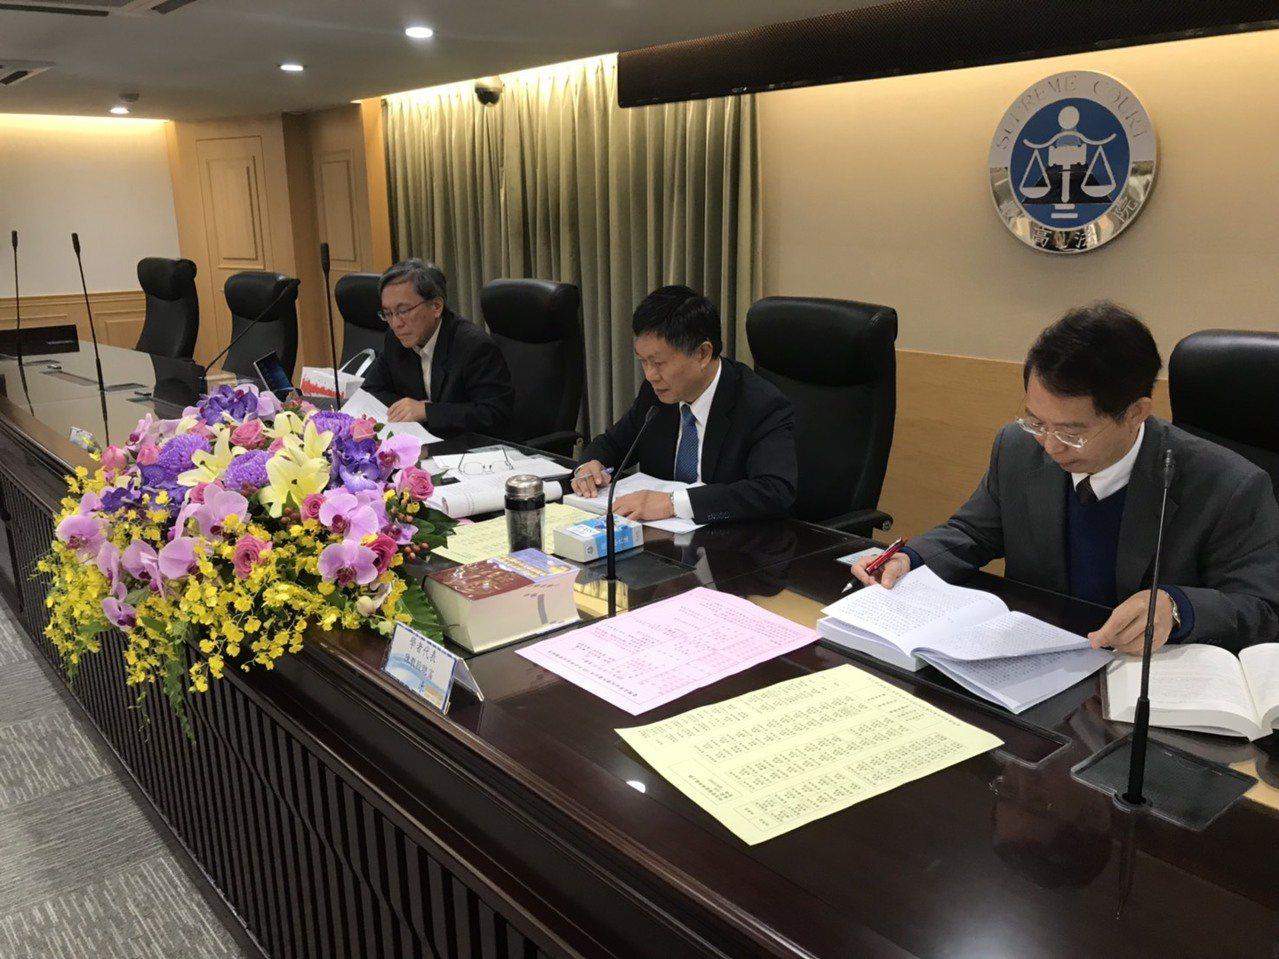 台灣高等法院今起三天舉辦法律座談會。圖/高等法院提供